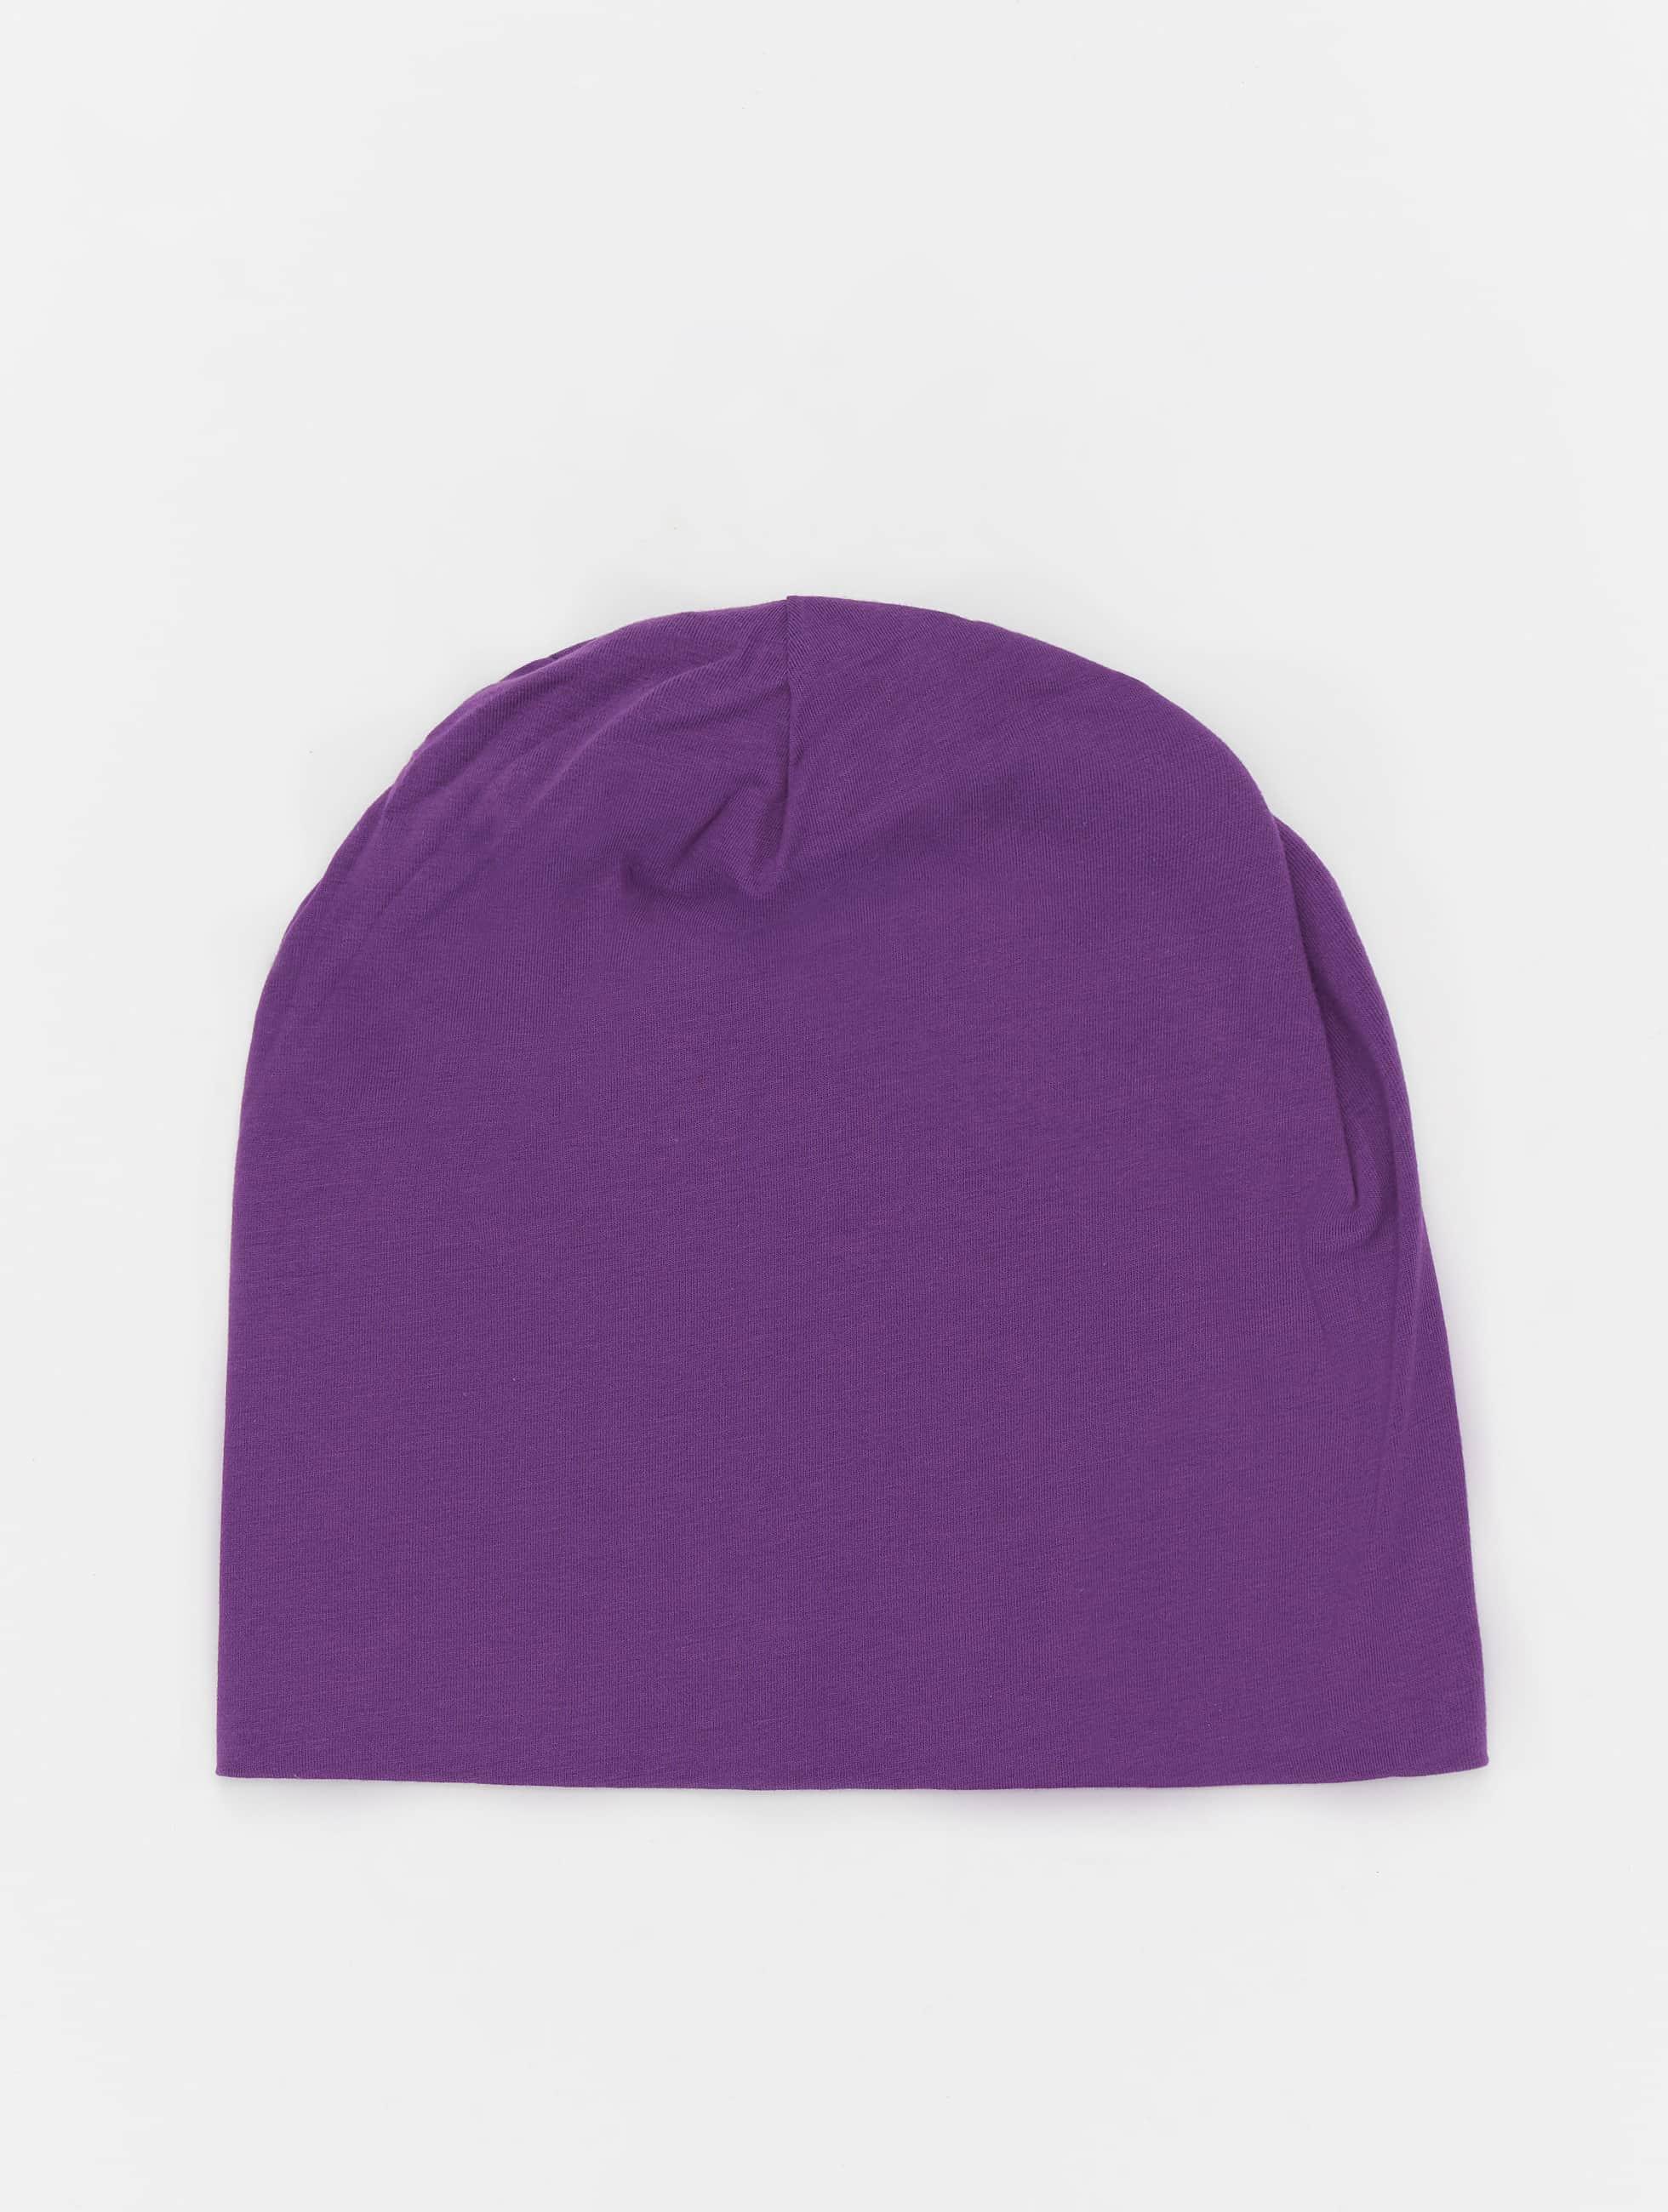 MSTRDS Männer,Frauen Beanie Jersey in violet